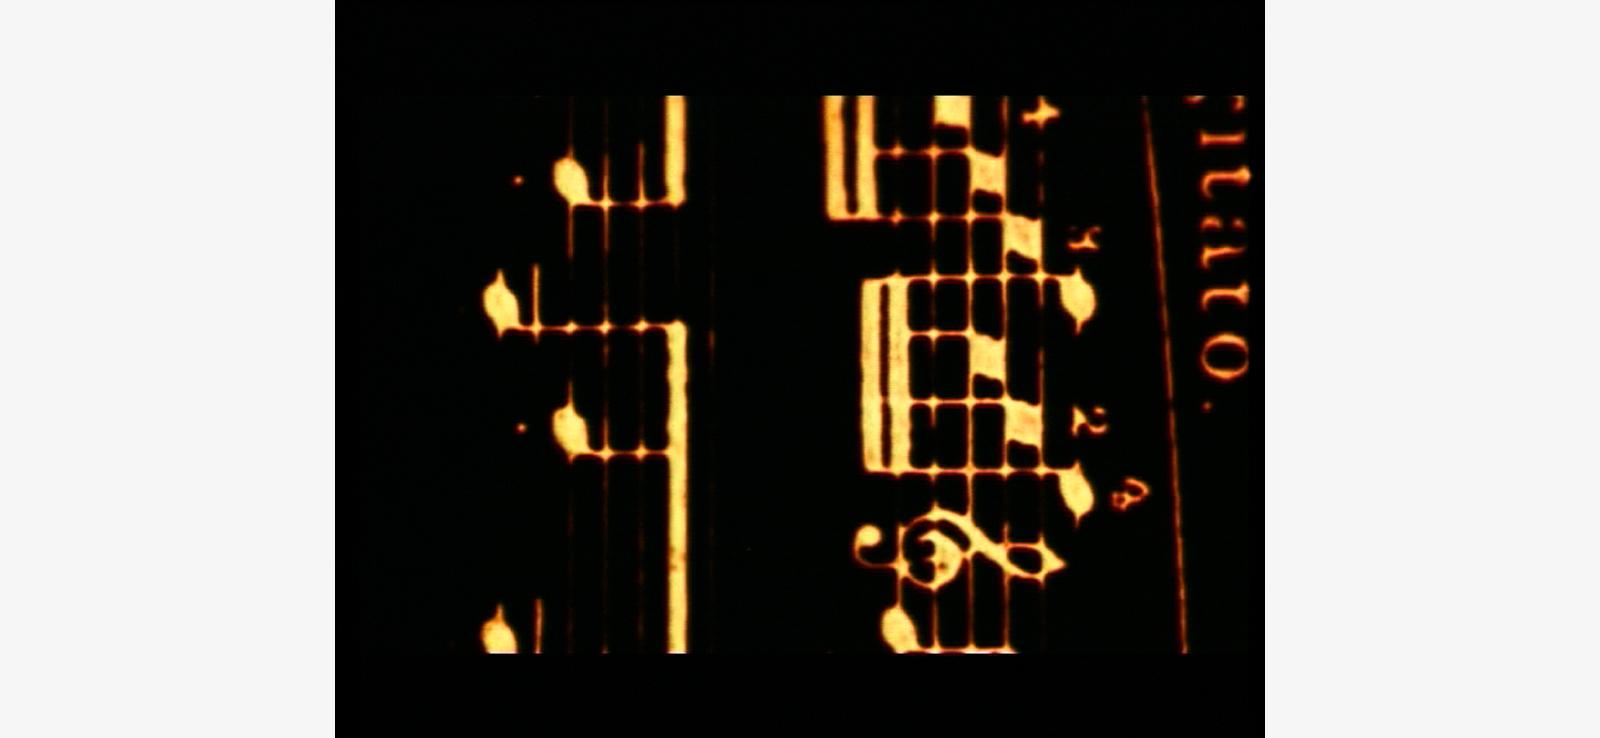 Antoni-Pinent-film-Musica-visual-en-vertical-cameraless-experimental